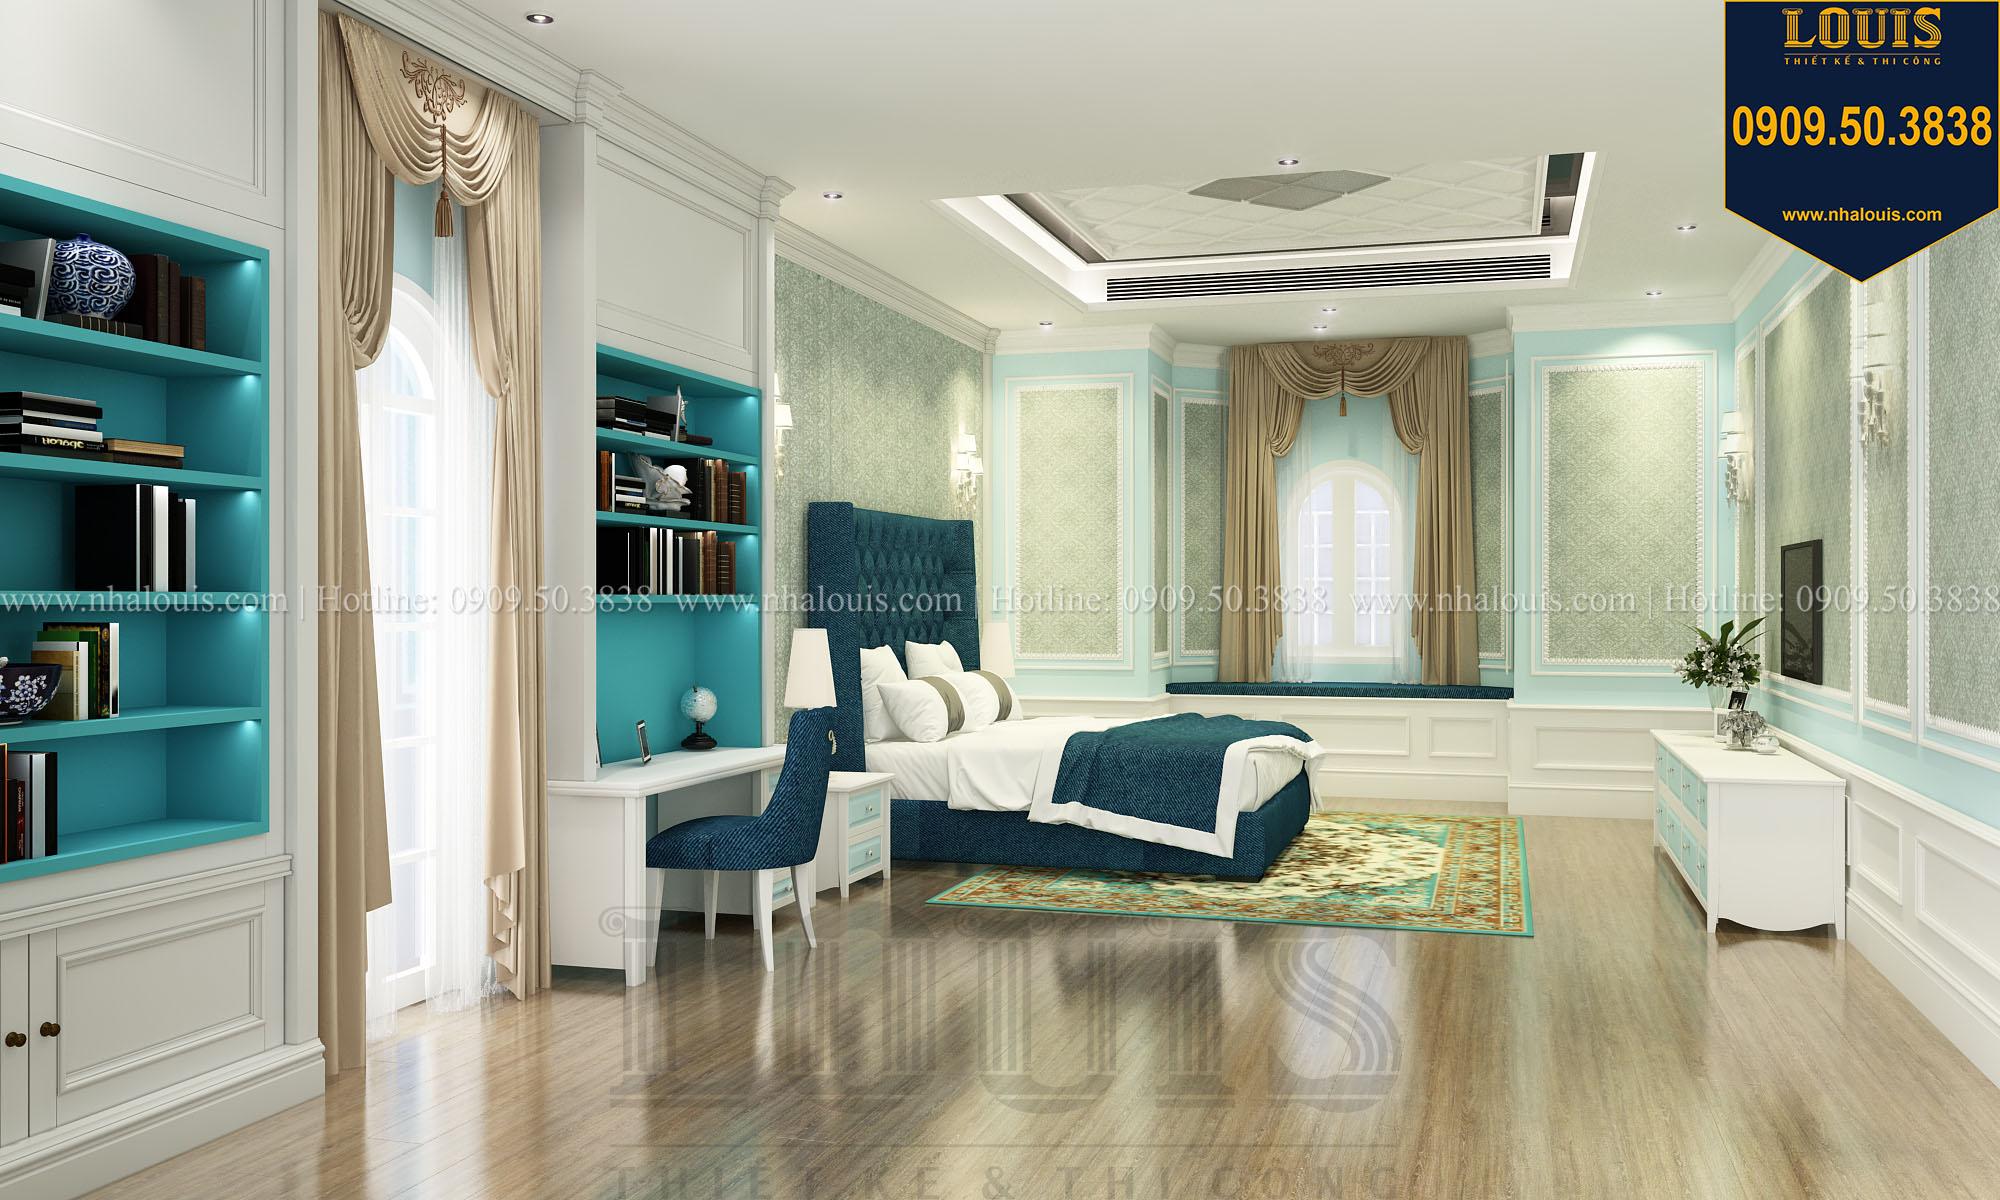 Phòng ngủ con trai Biệt thự Châu Âu cổ điển chuẩn sang chảnh tại Nhà Bè - 025